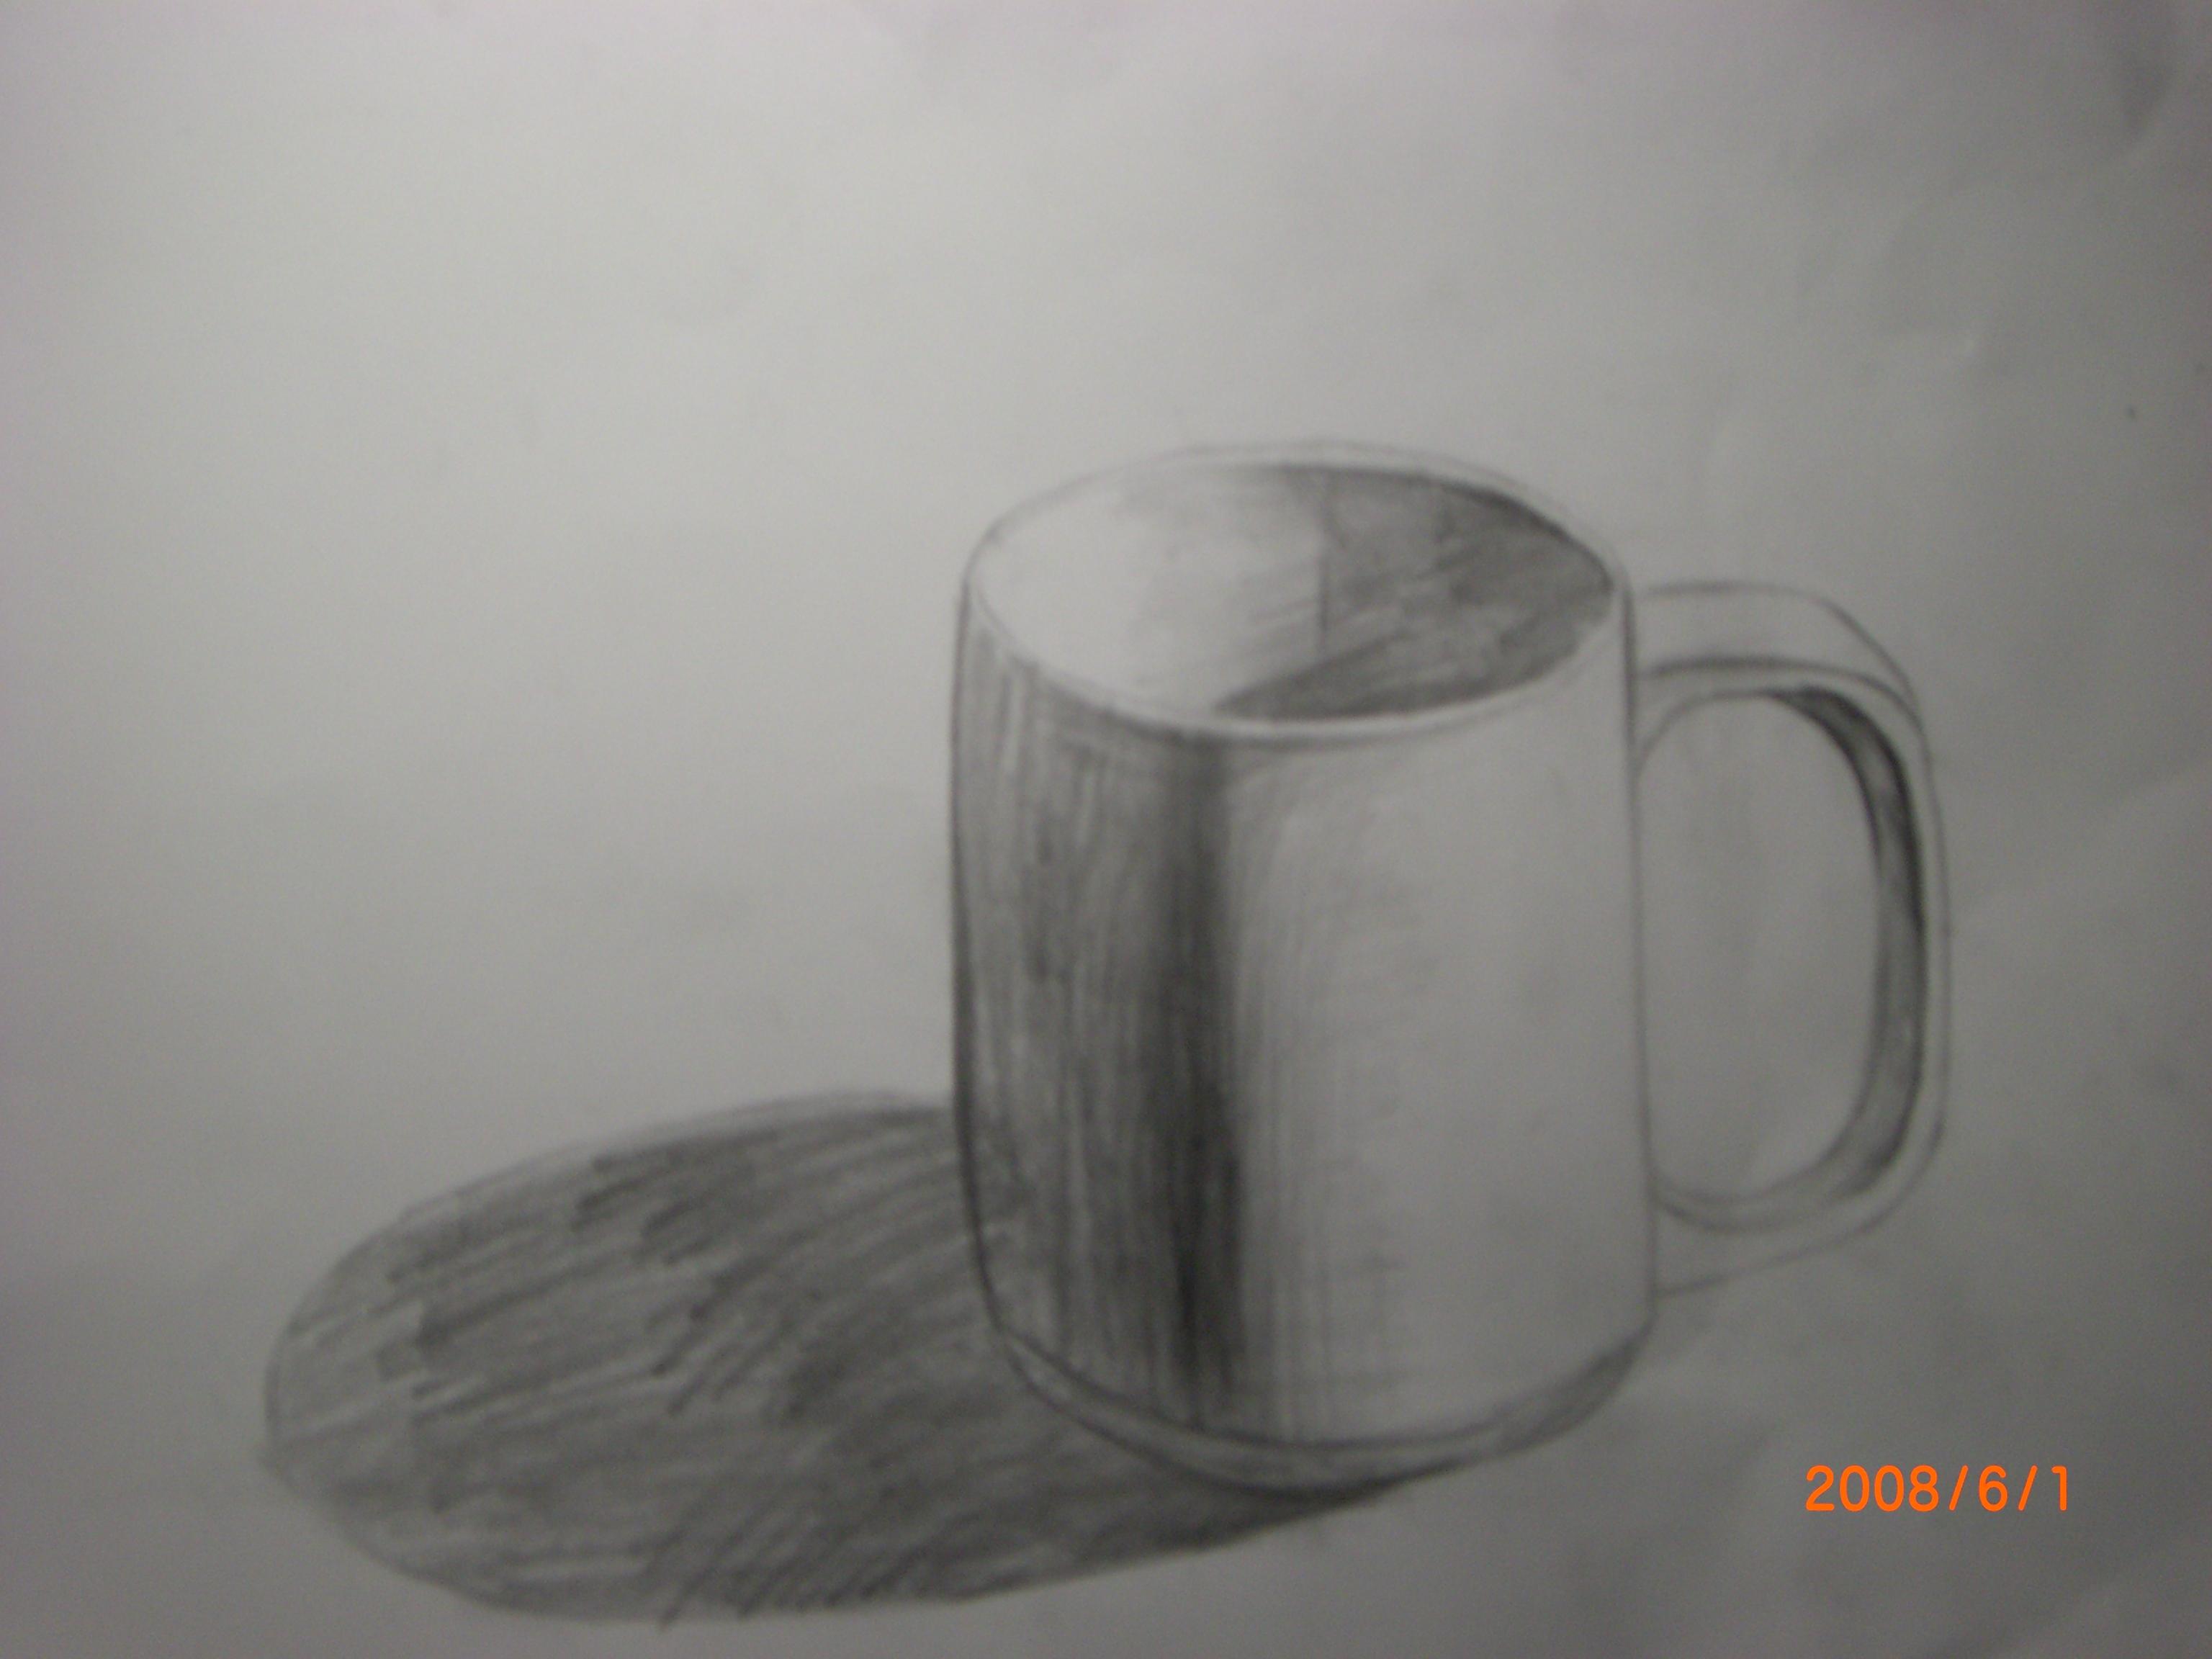 素描画-盒子上的杯子   杯子单个素描,单个杯子静物素描,单